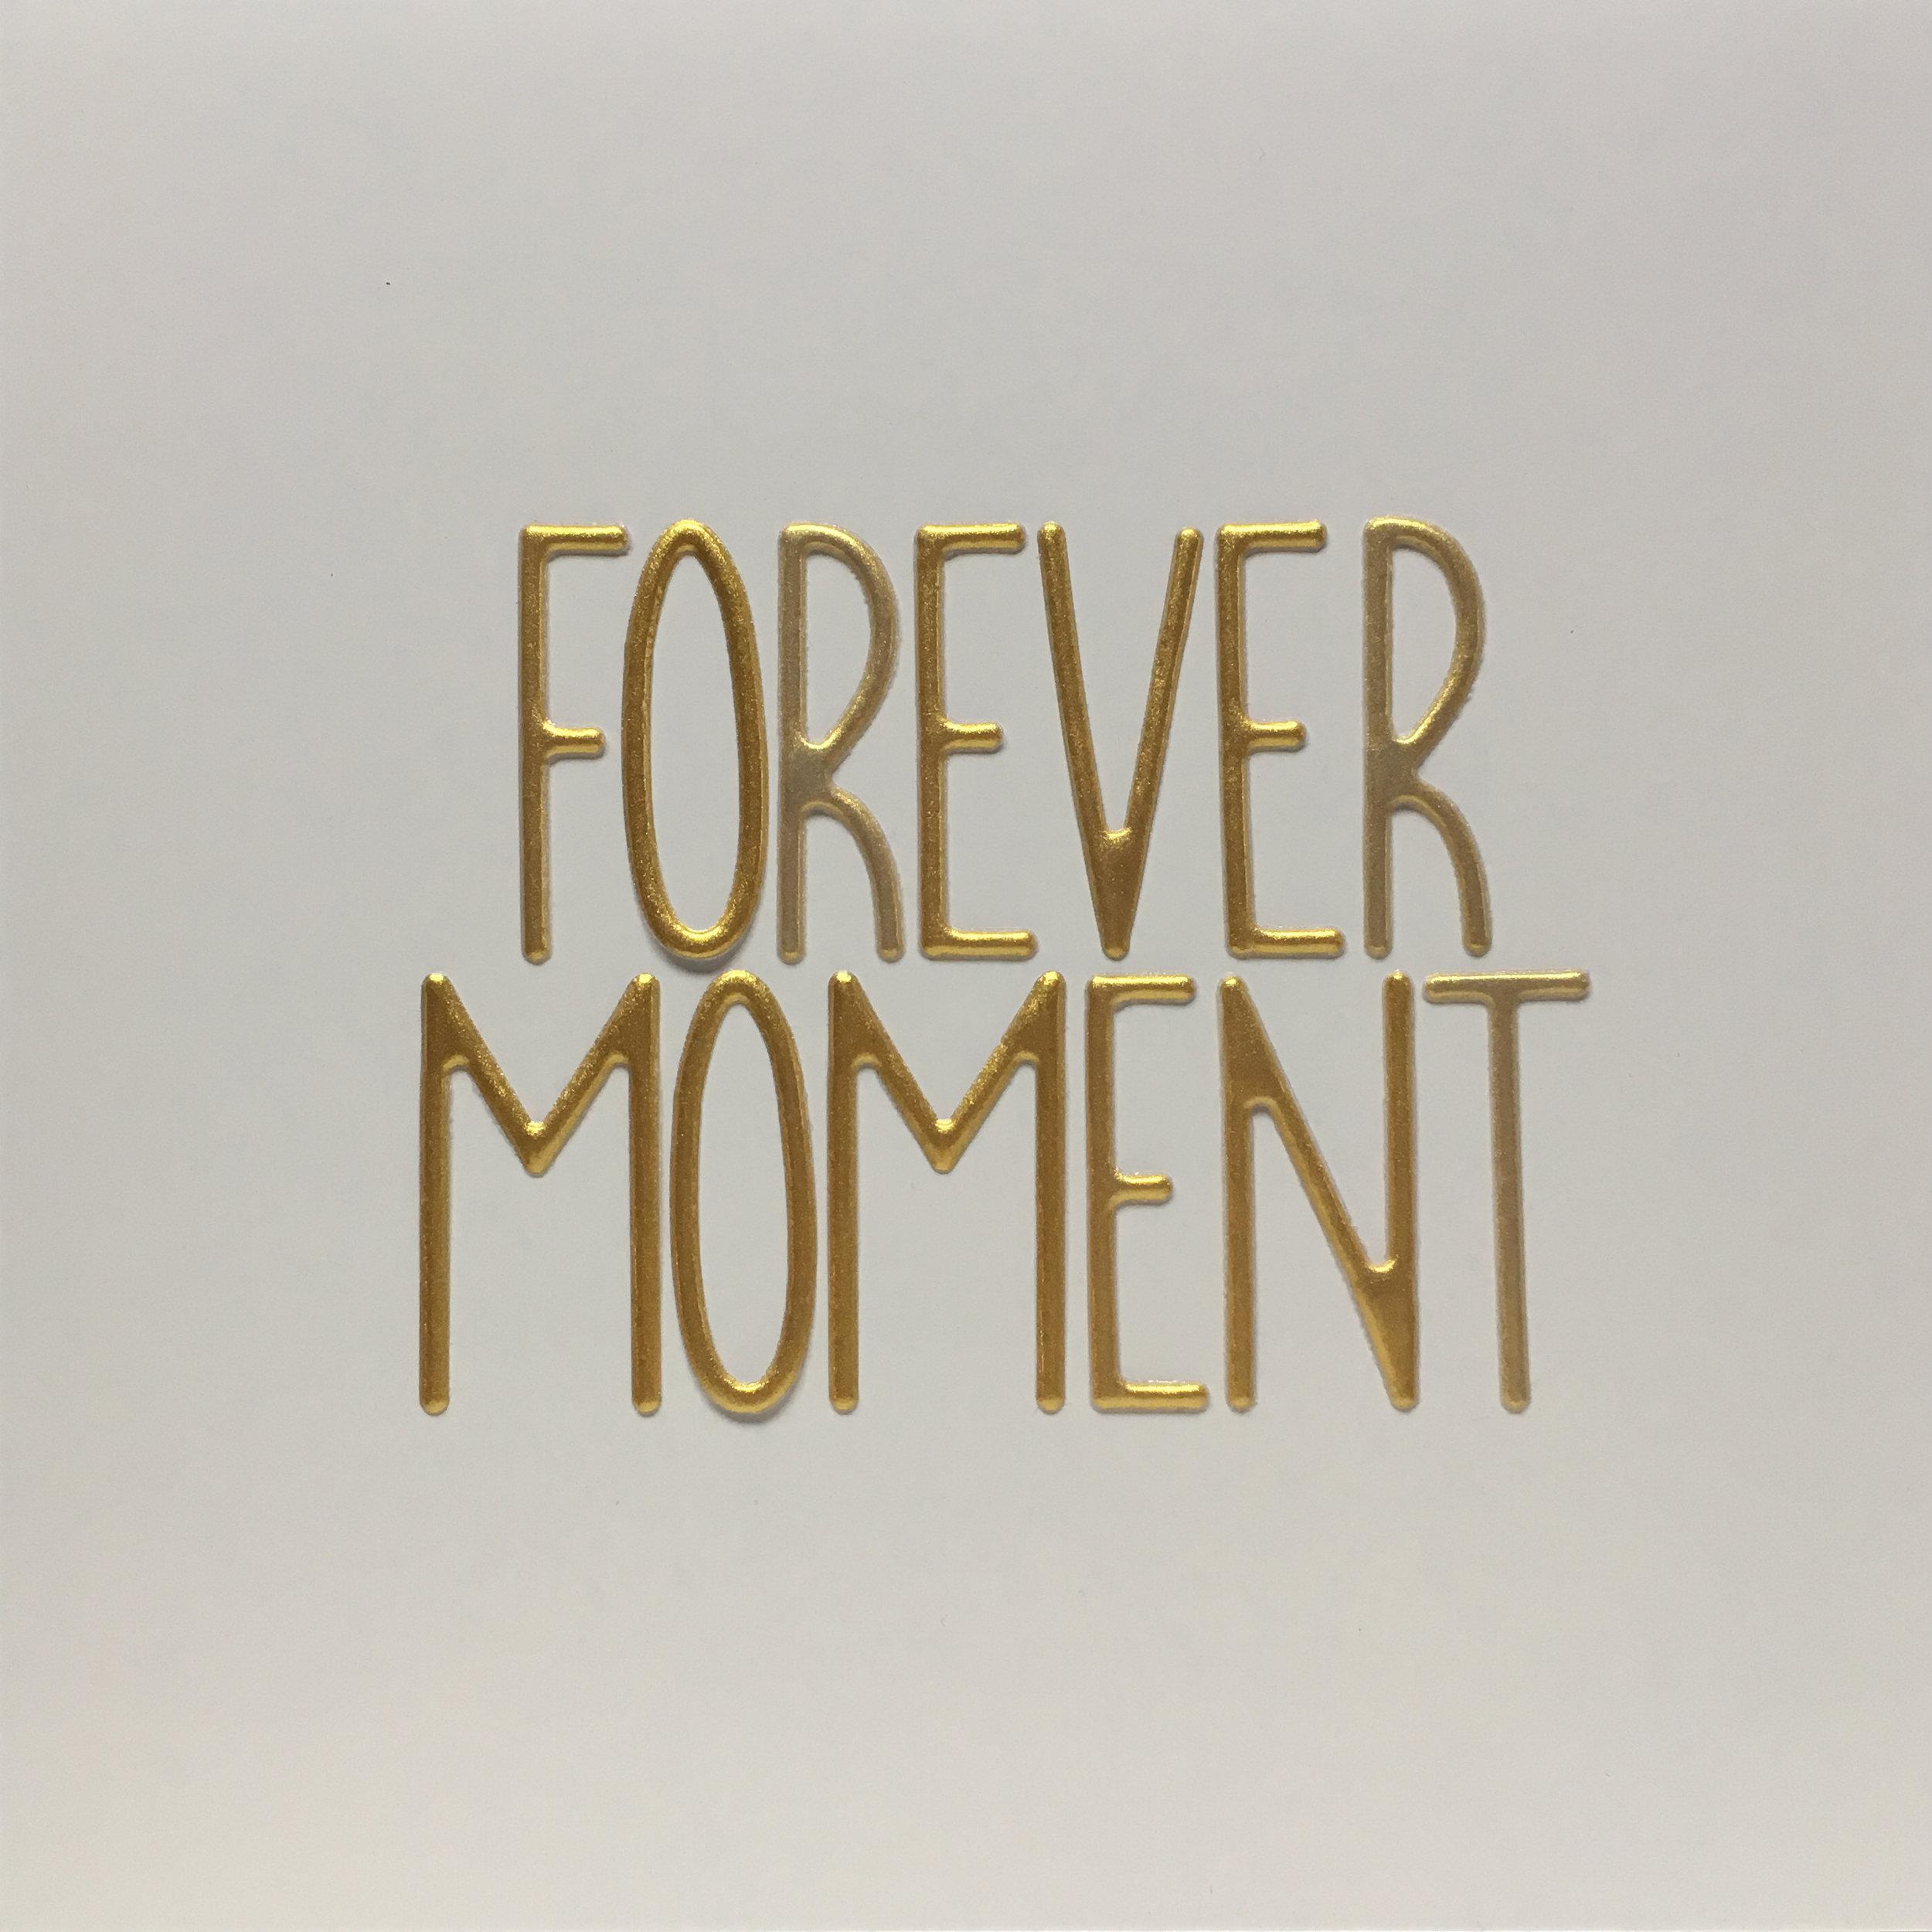 forever moment.jpg